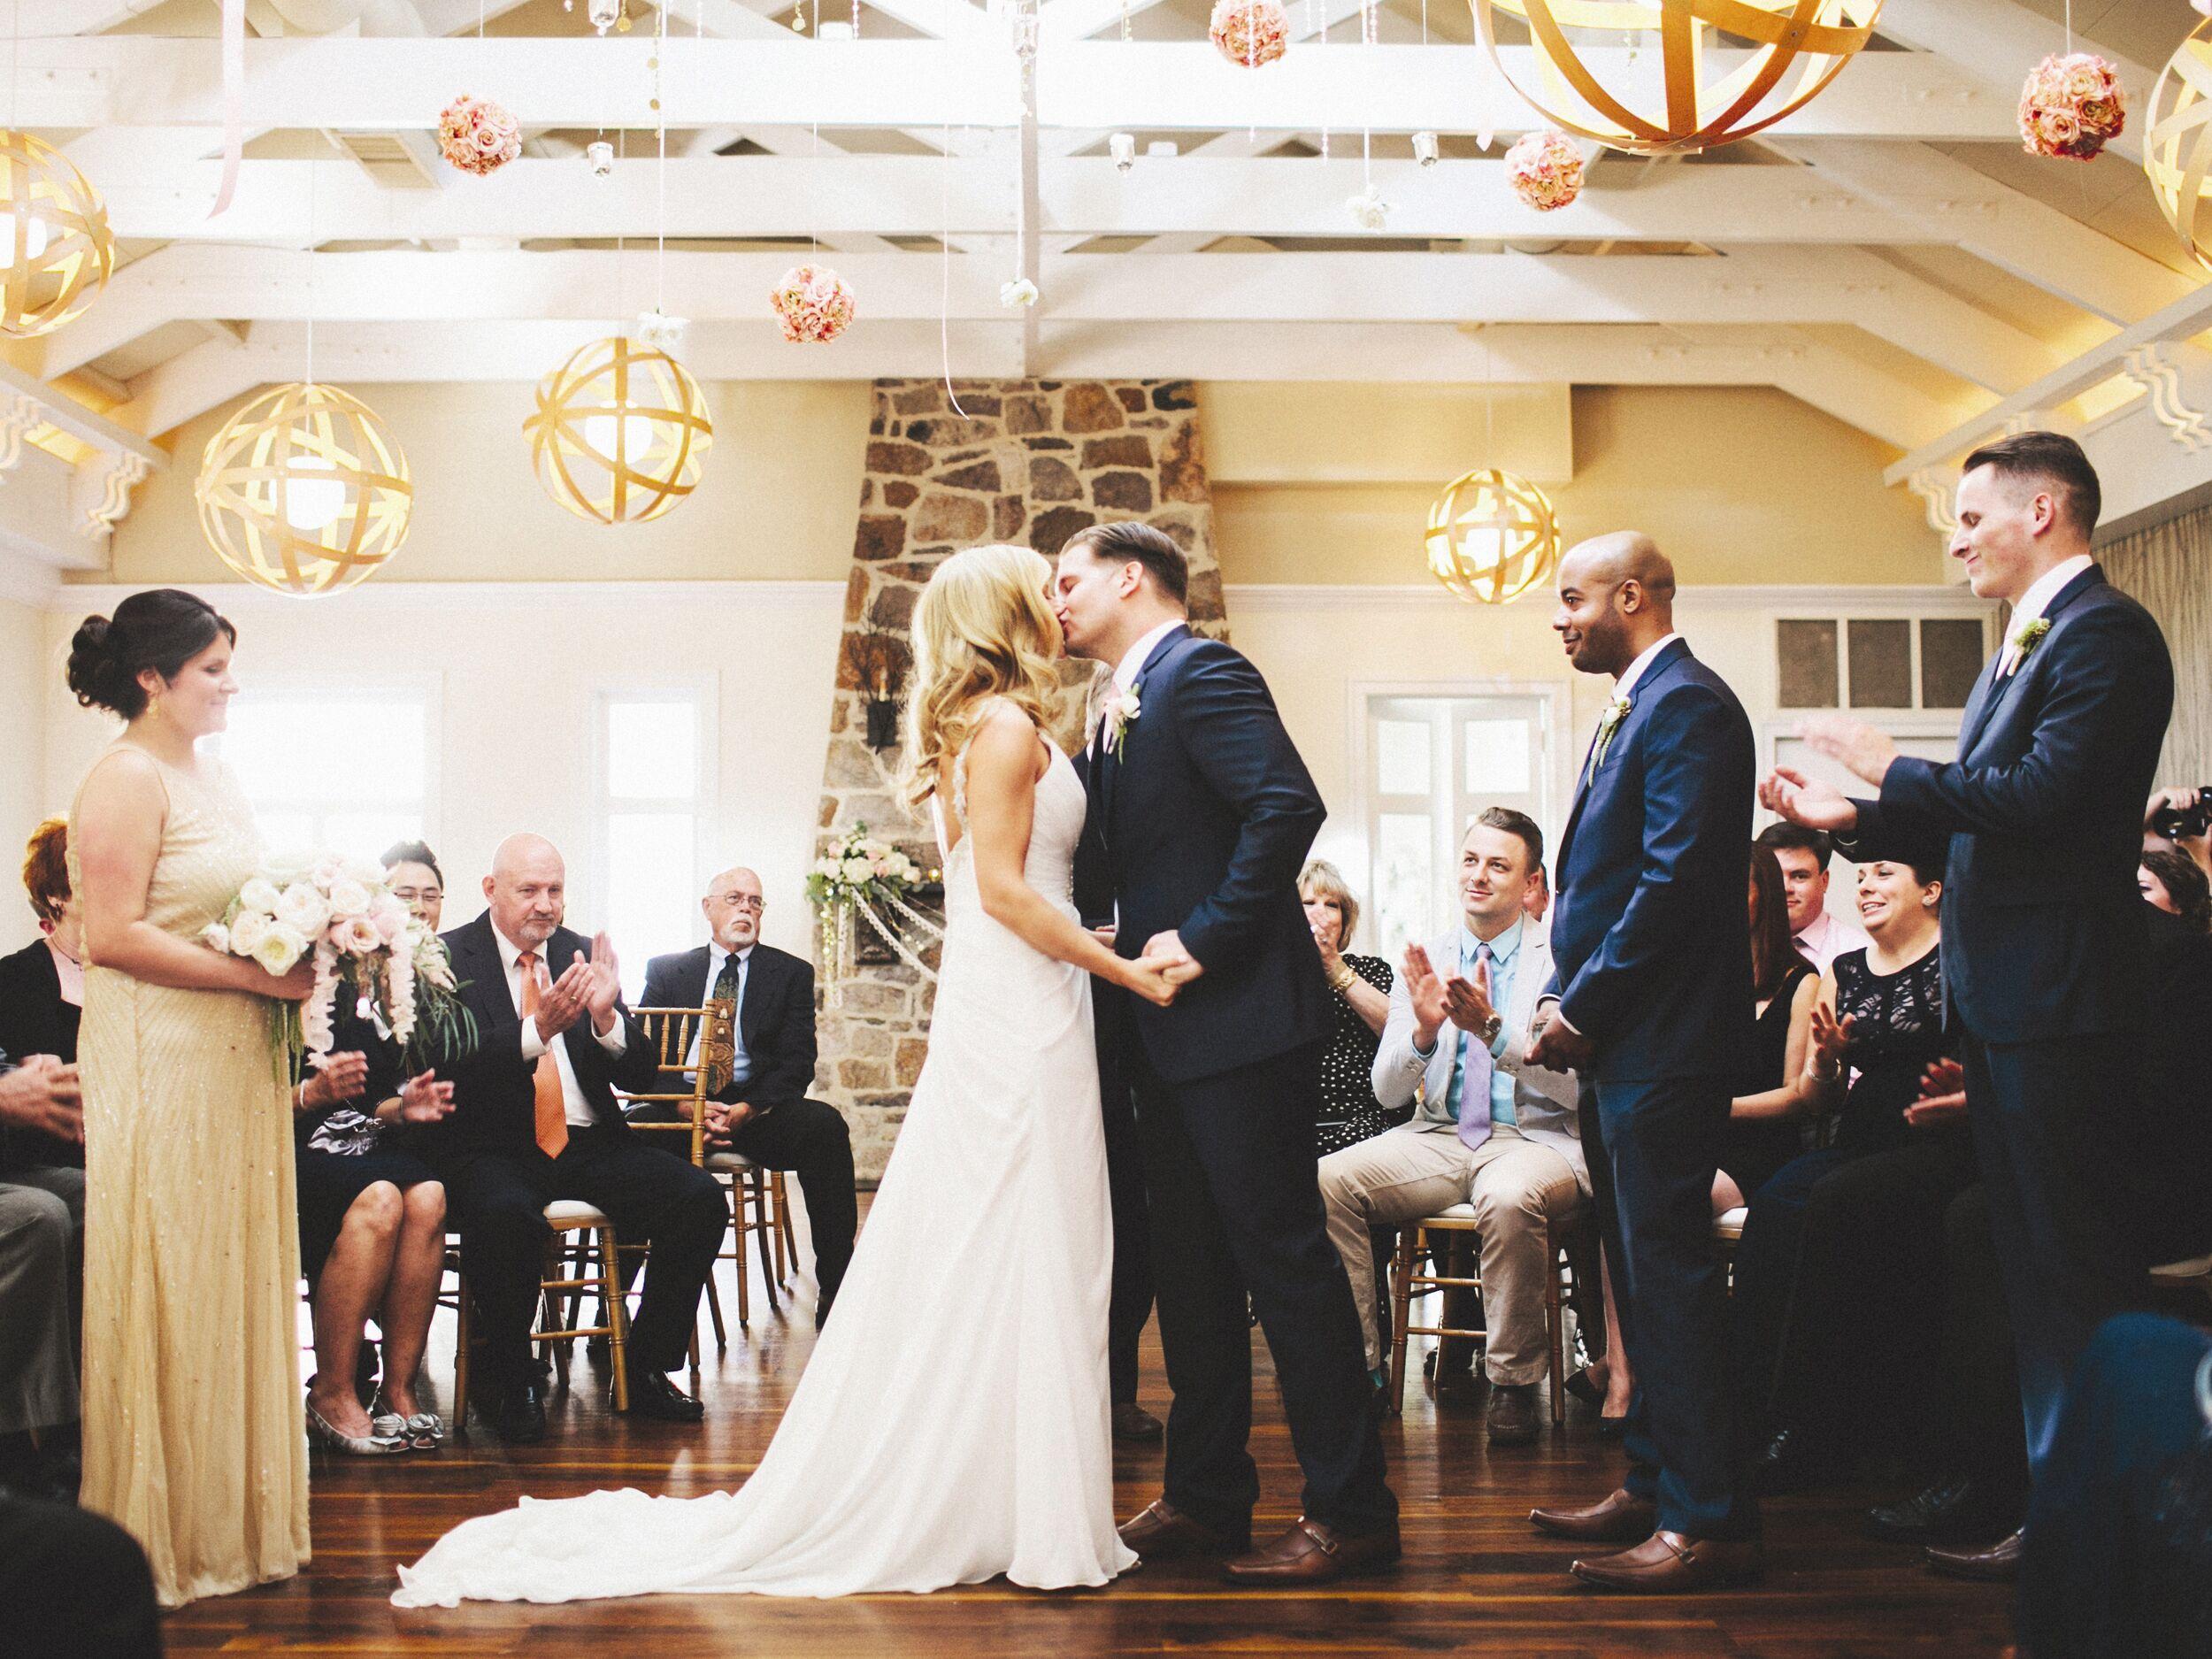 Wedding Vows: Nondenominational Wedding Vows